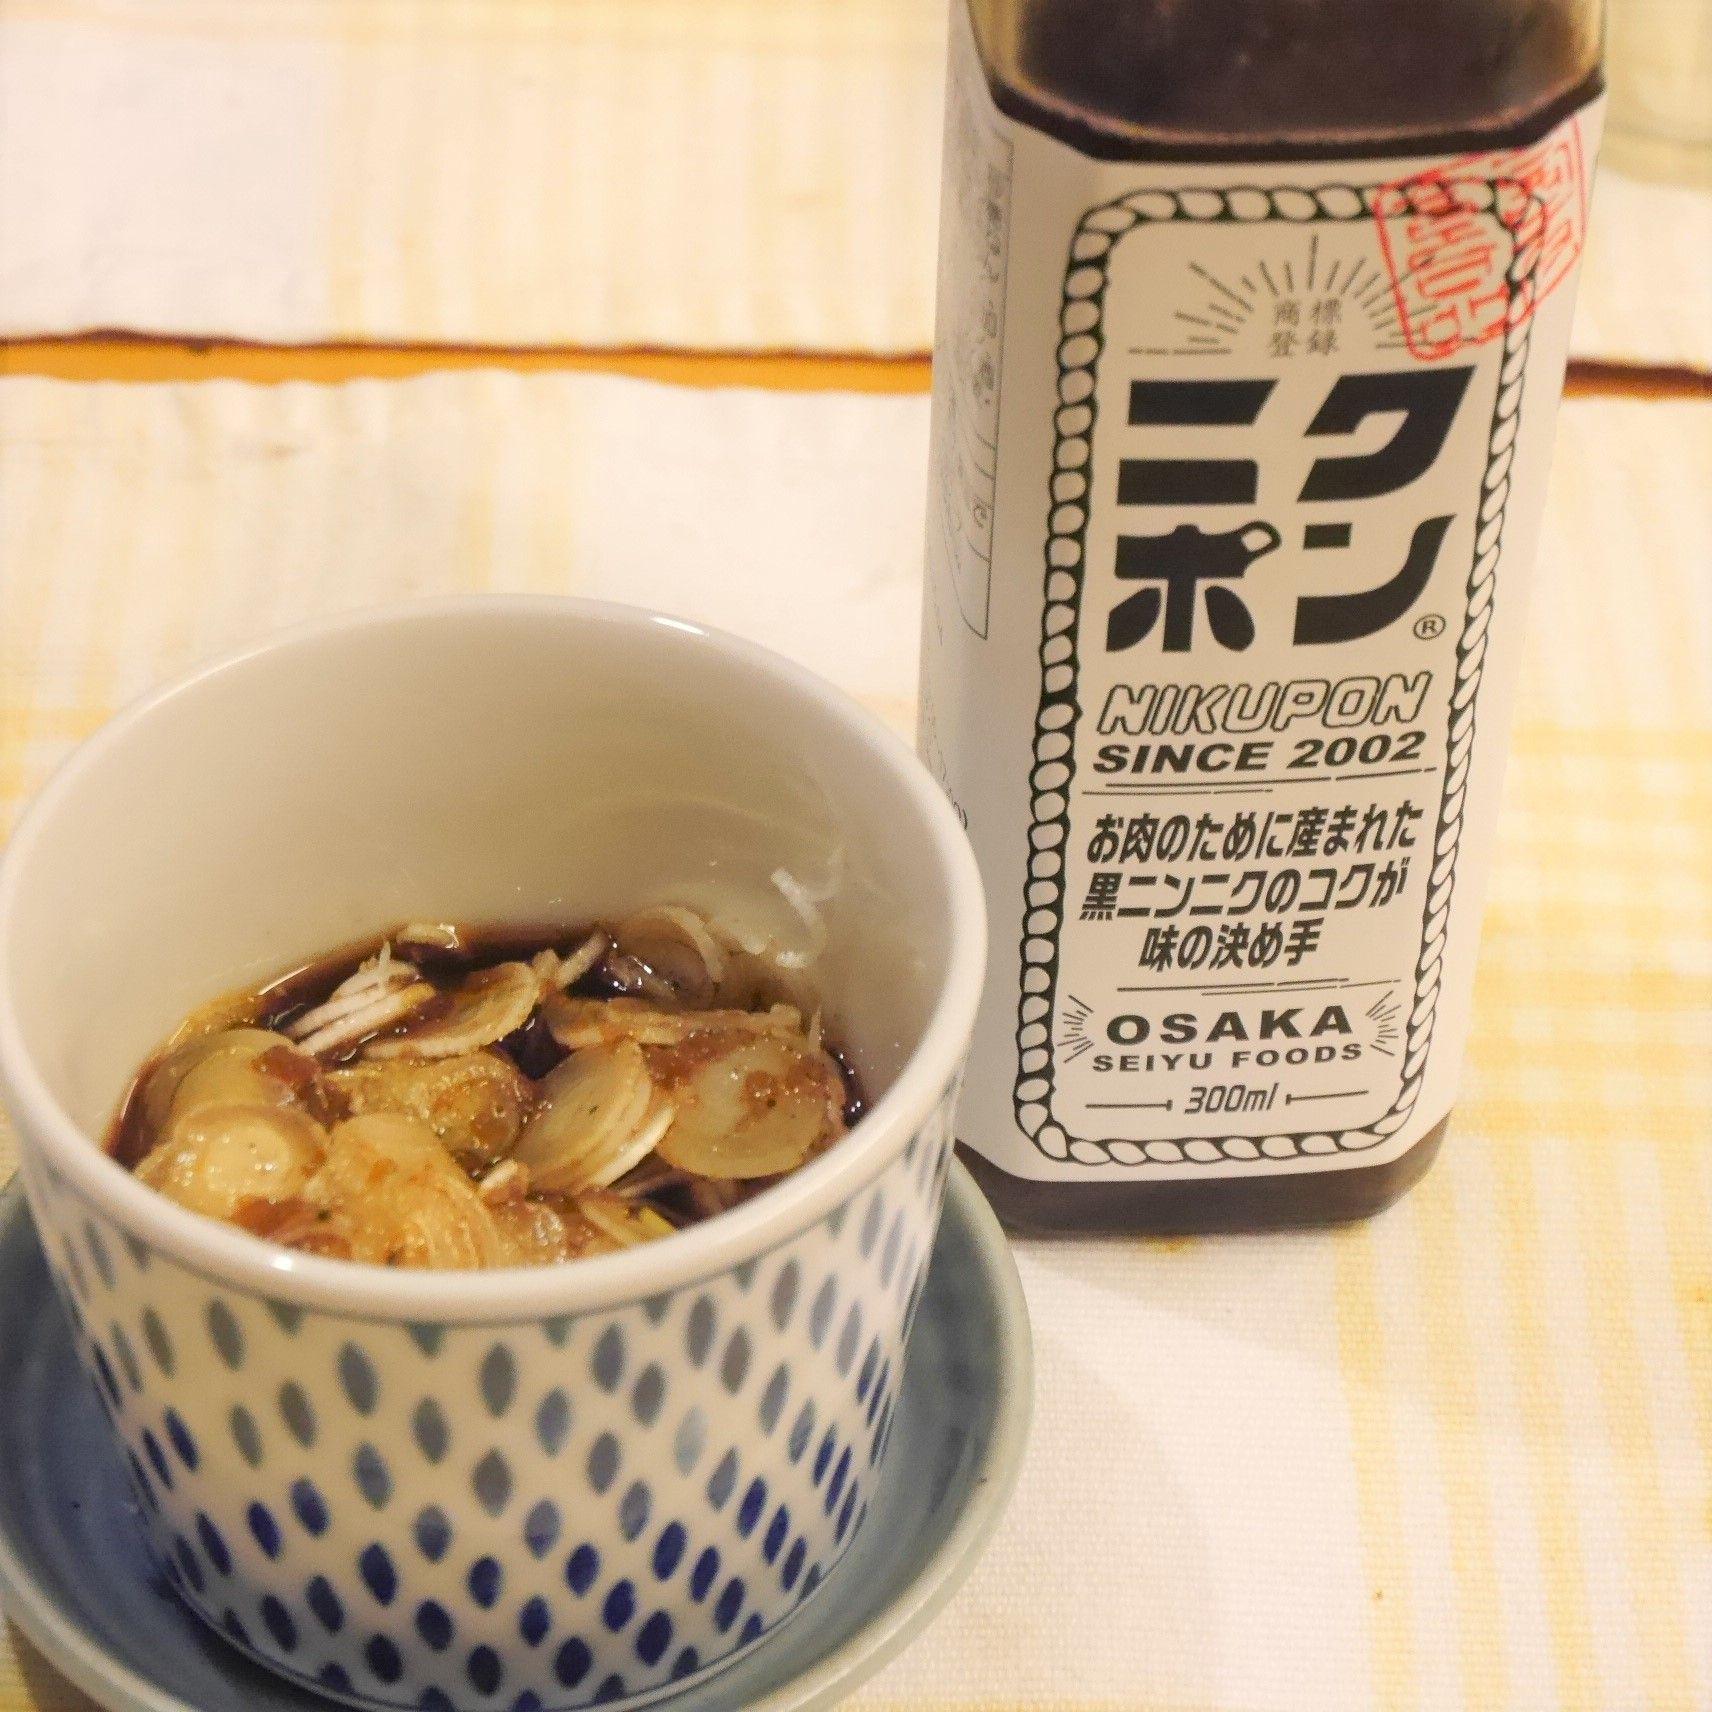 鶏肉のパリパリ焼き★ネギポン酢でさっぱり_ネギポン酢